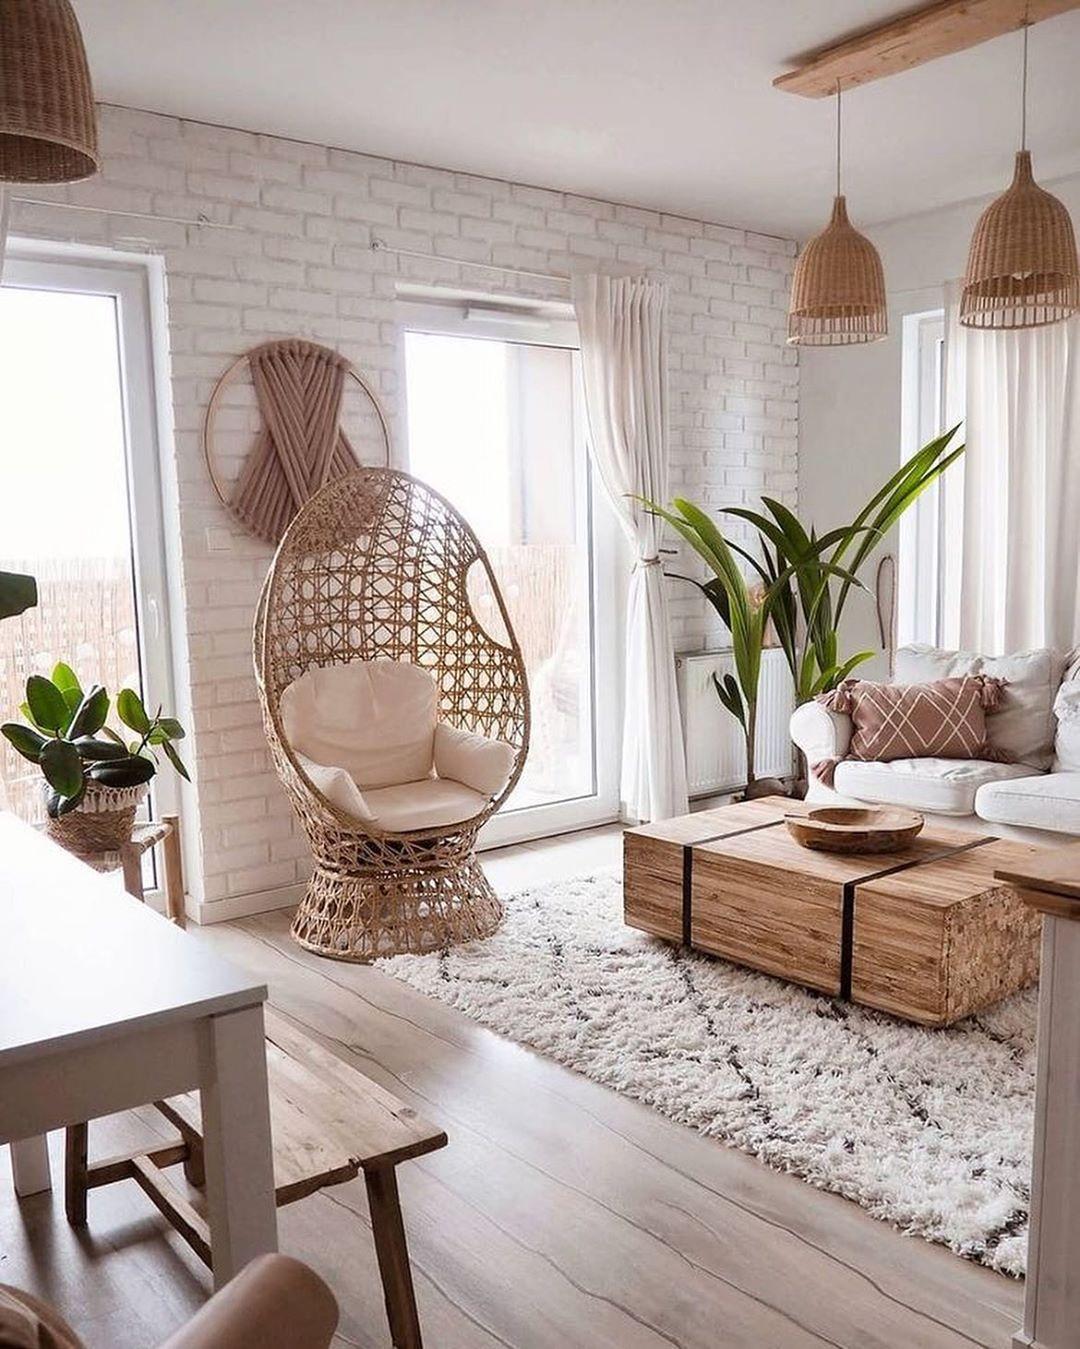 Epingle Par Aurelie Sur Home En 2020 Idee Deco Salon Cocooning